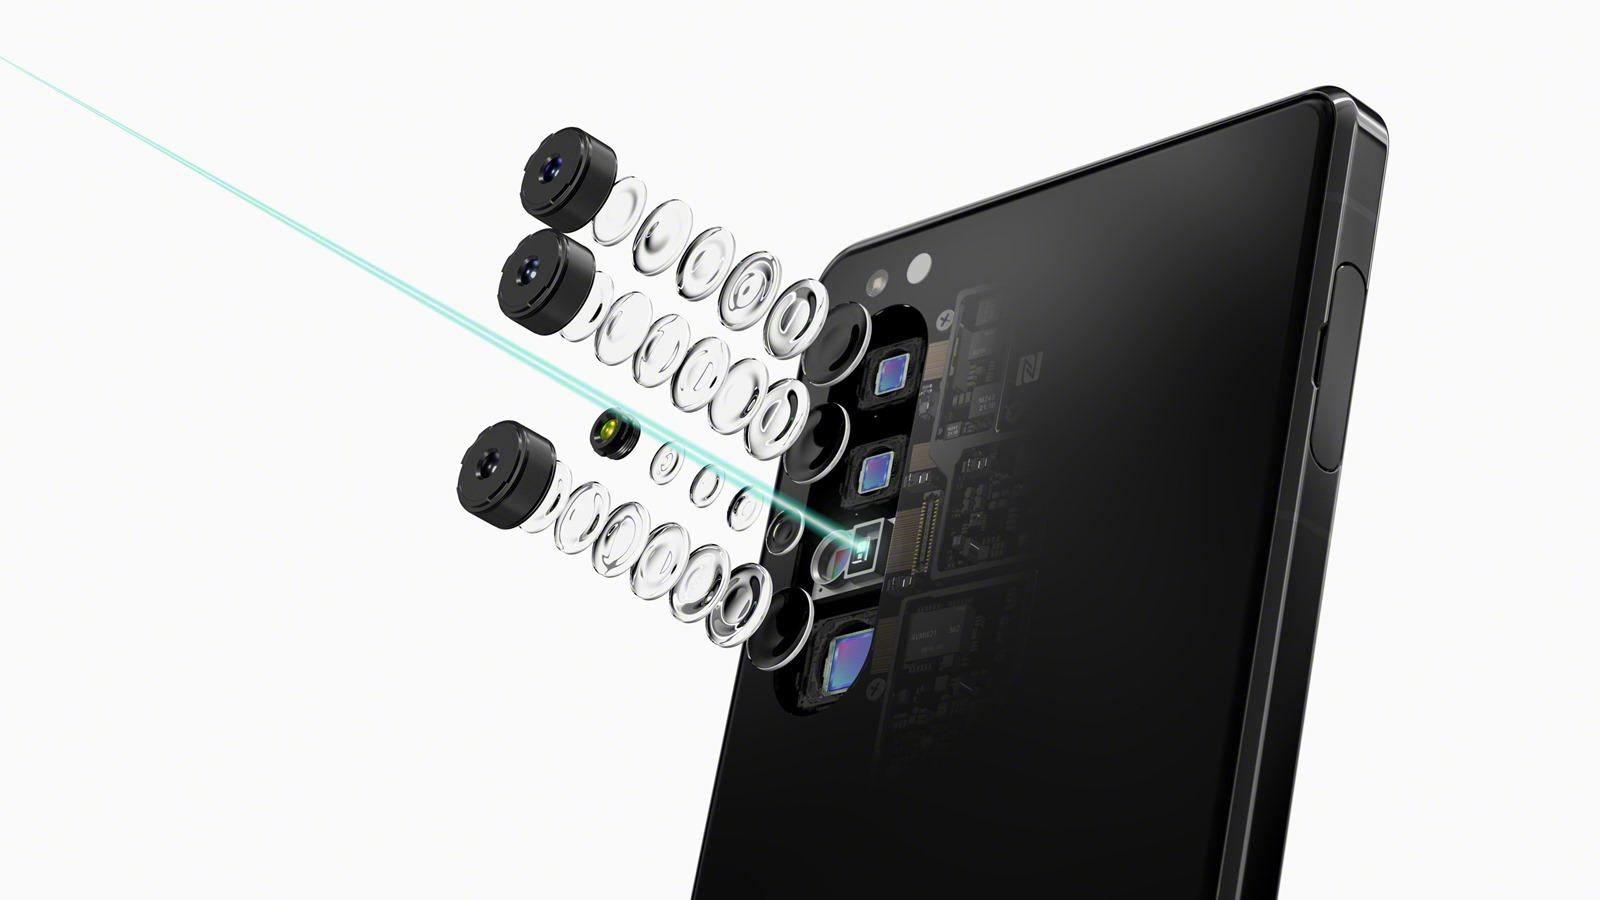 [規格對照] 得償所望! Sony Xperia 1 II 全面升級!5G / 無線充電 / 電池增大 / 3.5mm 耳機回歸!用戶要的全都給!太佛的新旗艦! @3C 達人廖阿輝